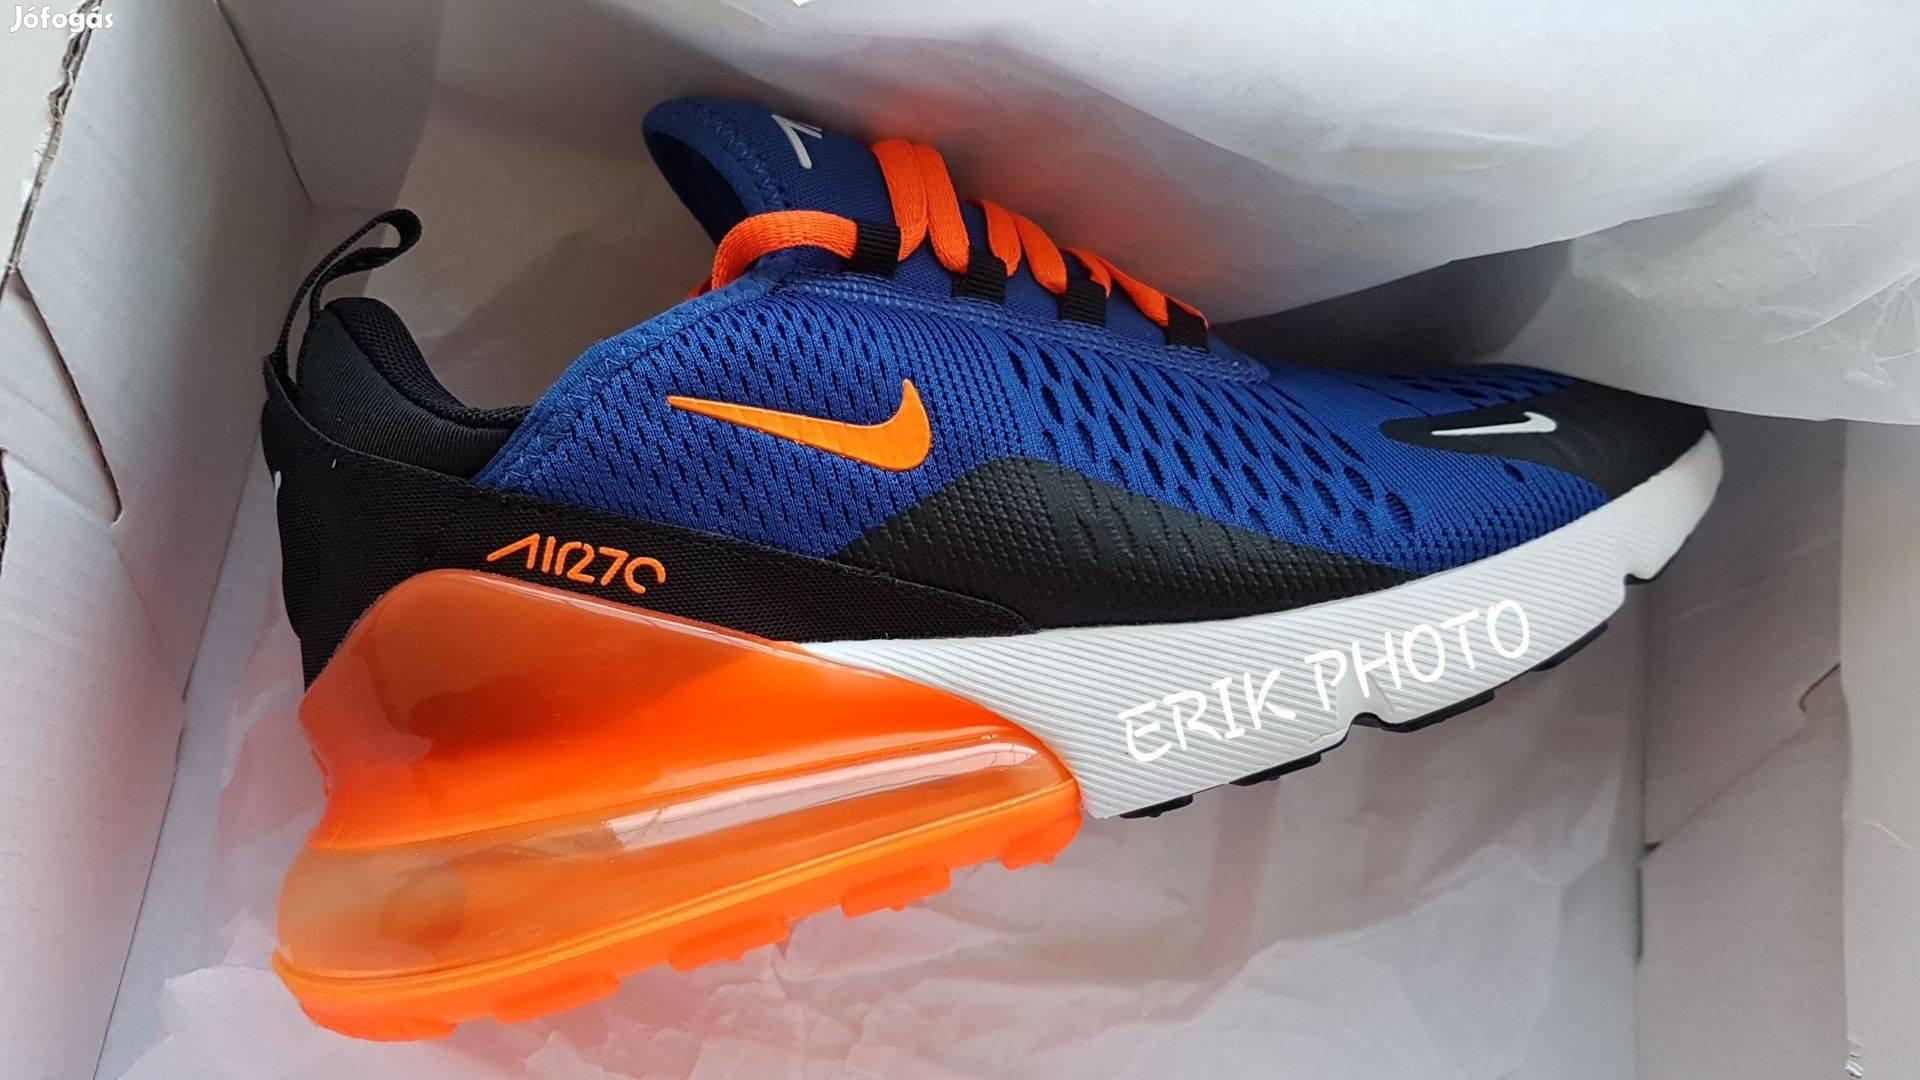 cb8224ab4b Nike air max 270 blue-orange eredeti férfi cipő - VII. kerület, Budapest